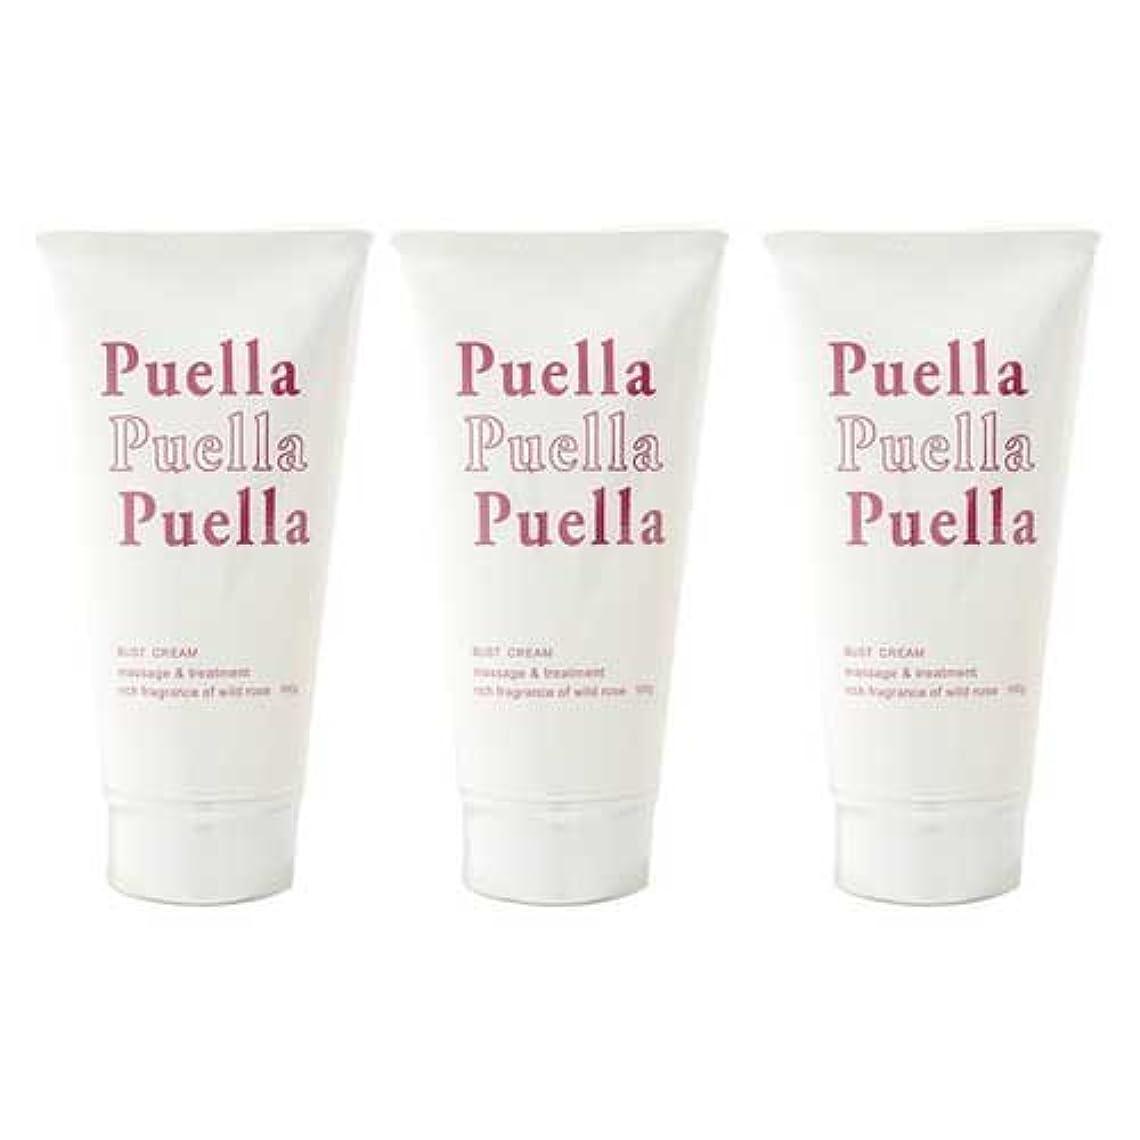 出血人口しなやかな3個セット puella(プエルラ)